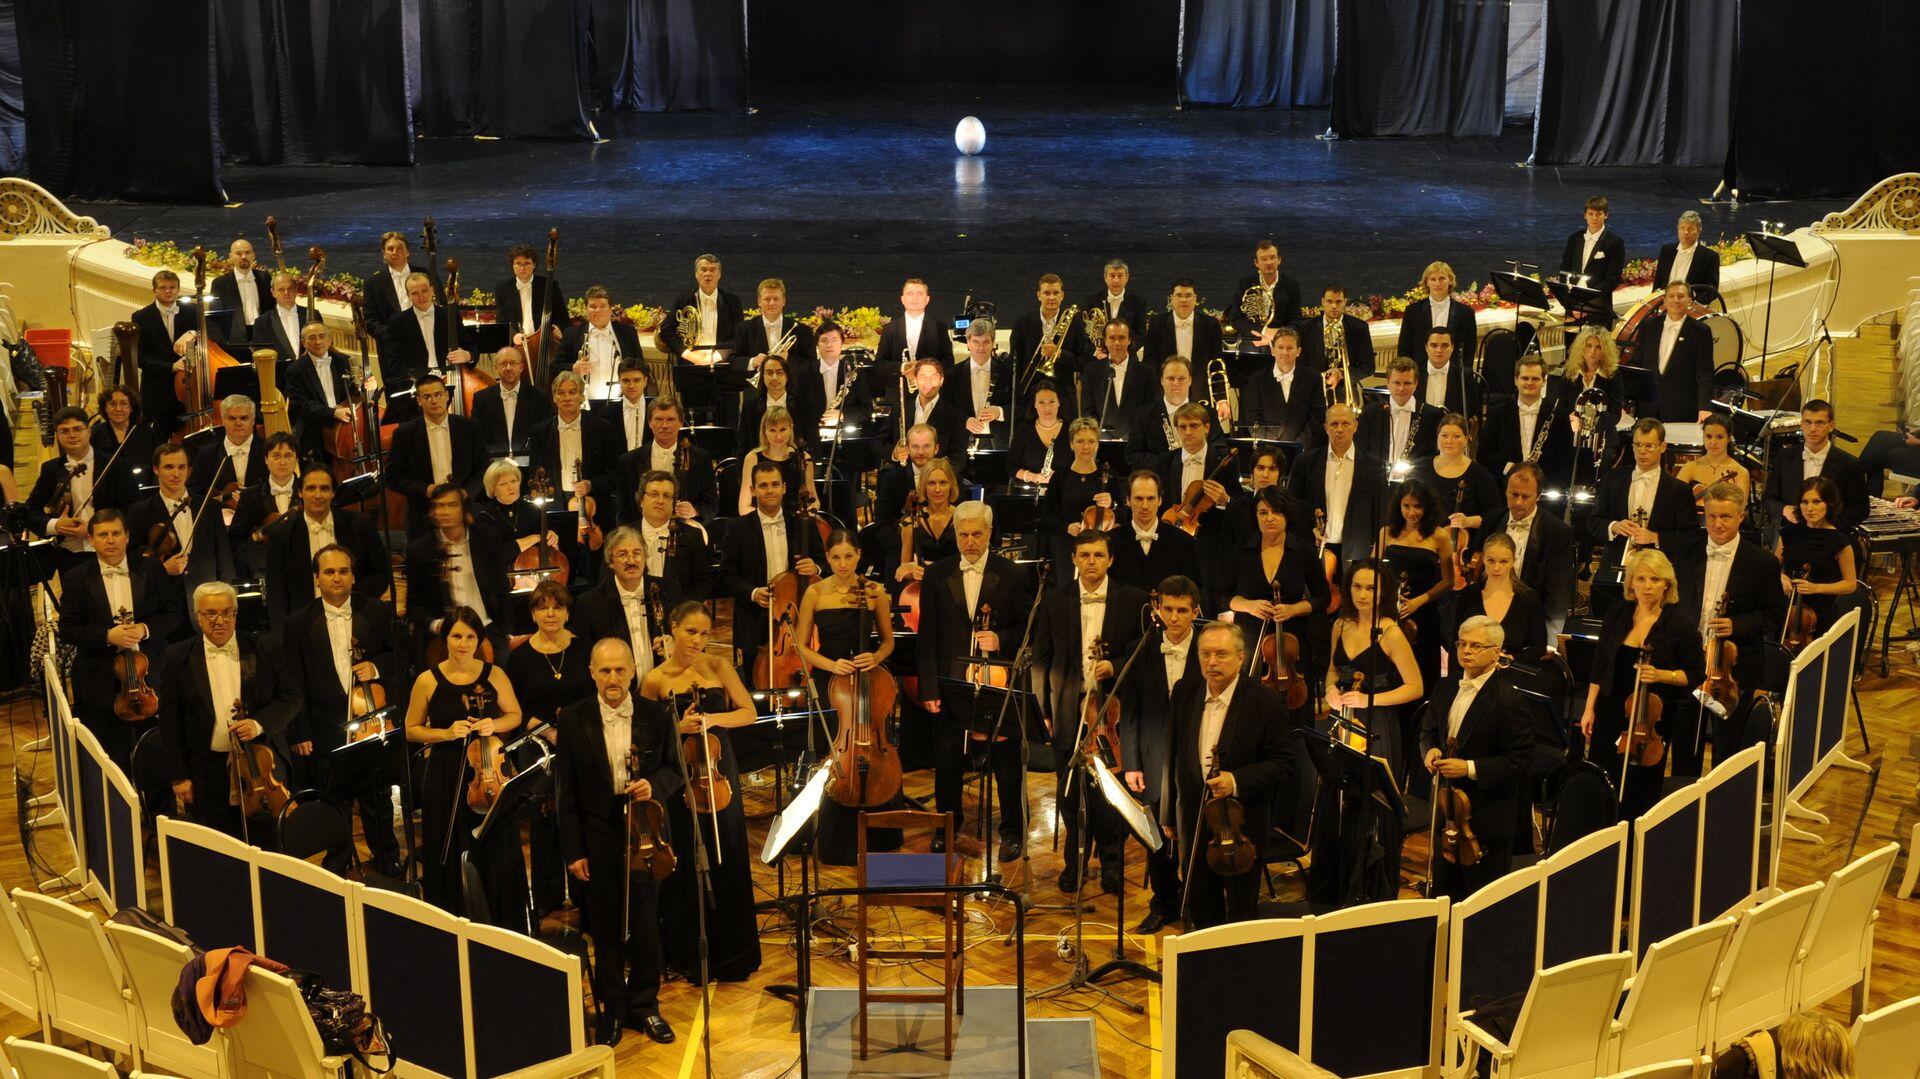 Открытие Большого фестиваля Российского национального оркестра - РИА Новости, 1920, 07.09.2020